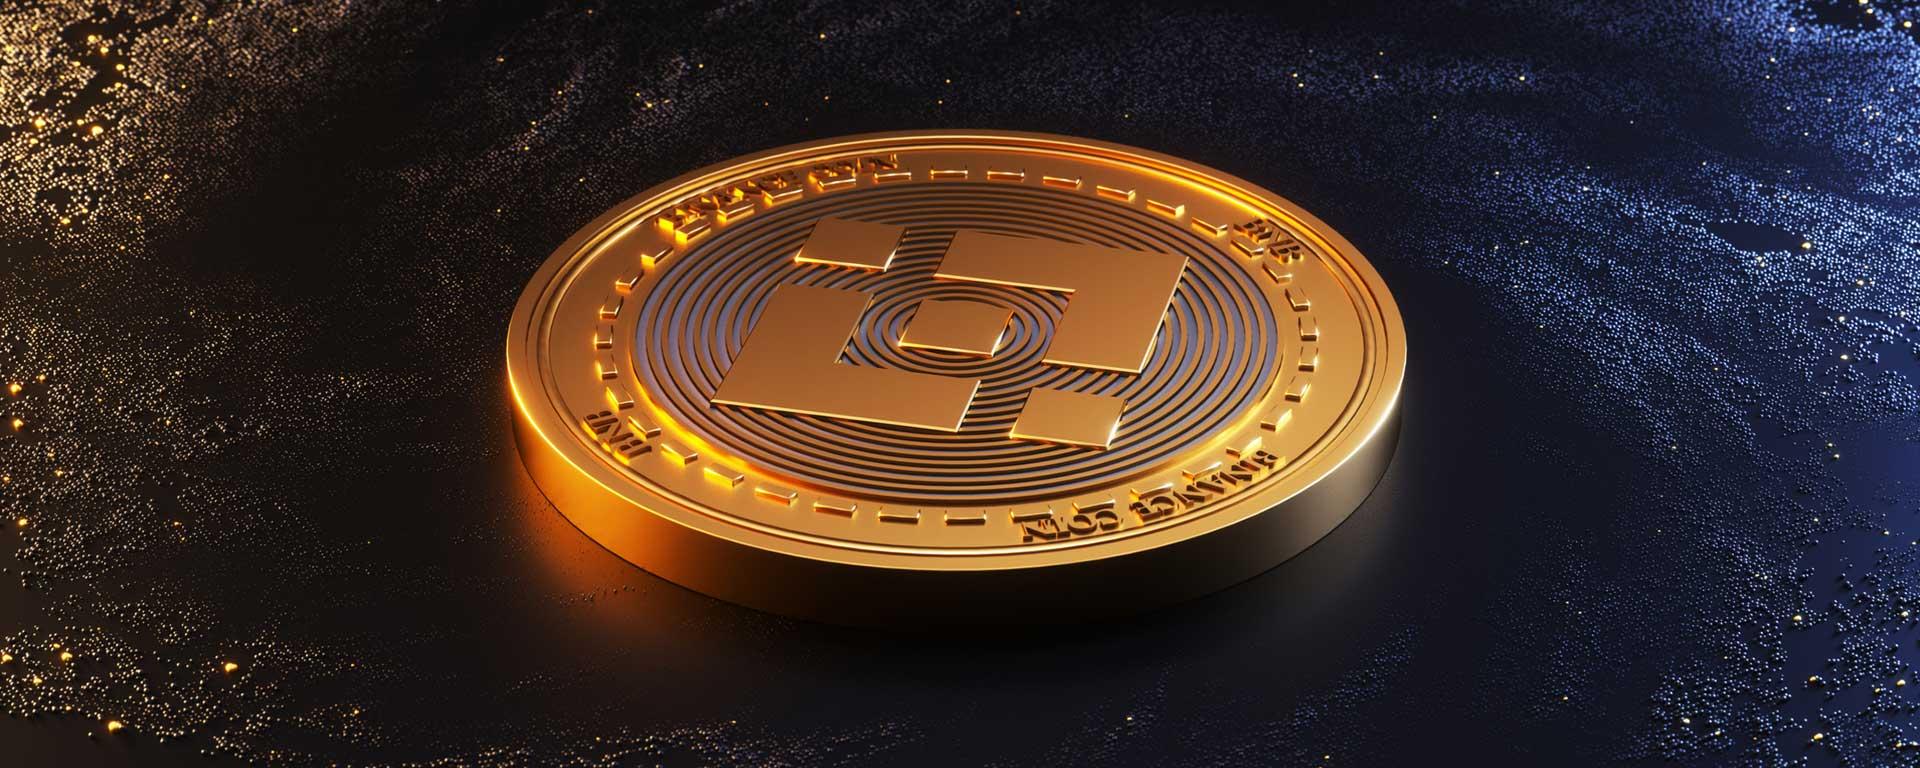 15 сжигание Binance Coin